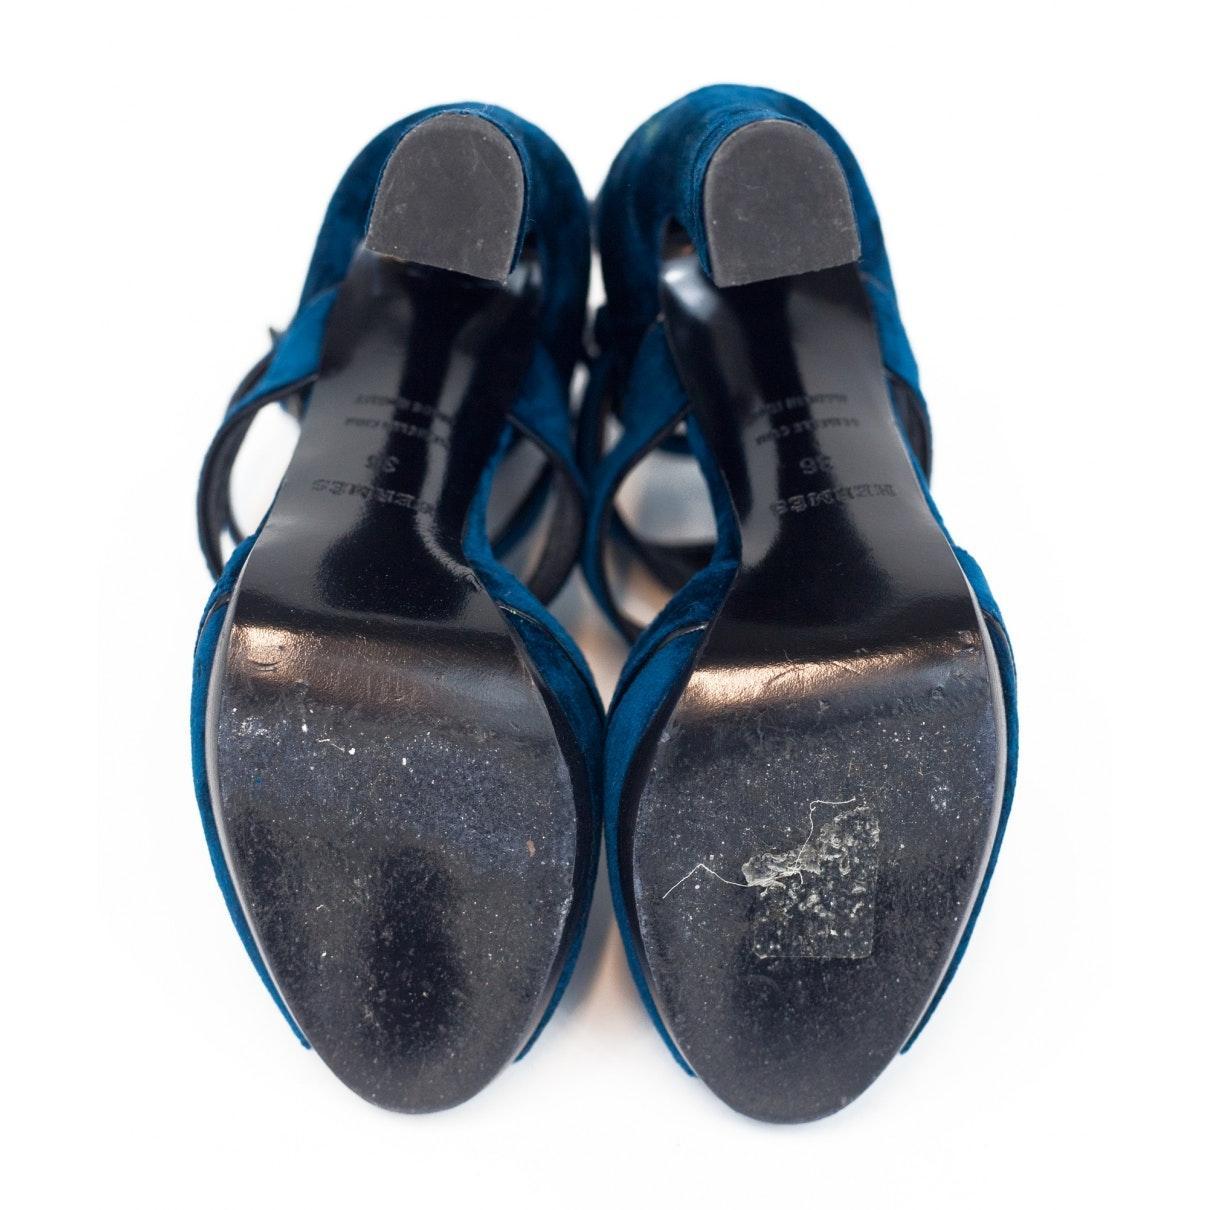 Tacones de Terciopelo Hermès de Ante de color Azul